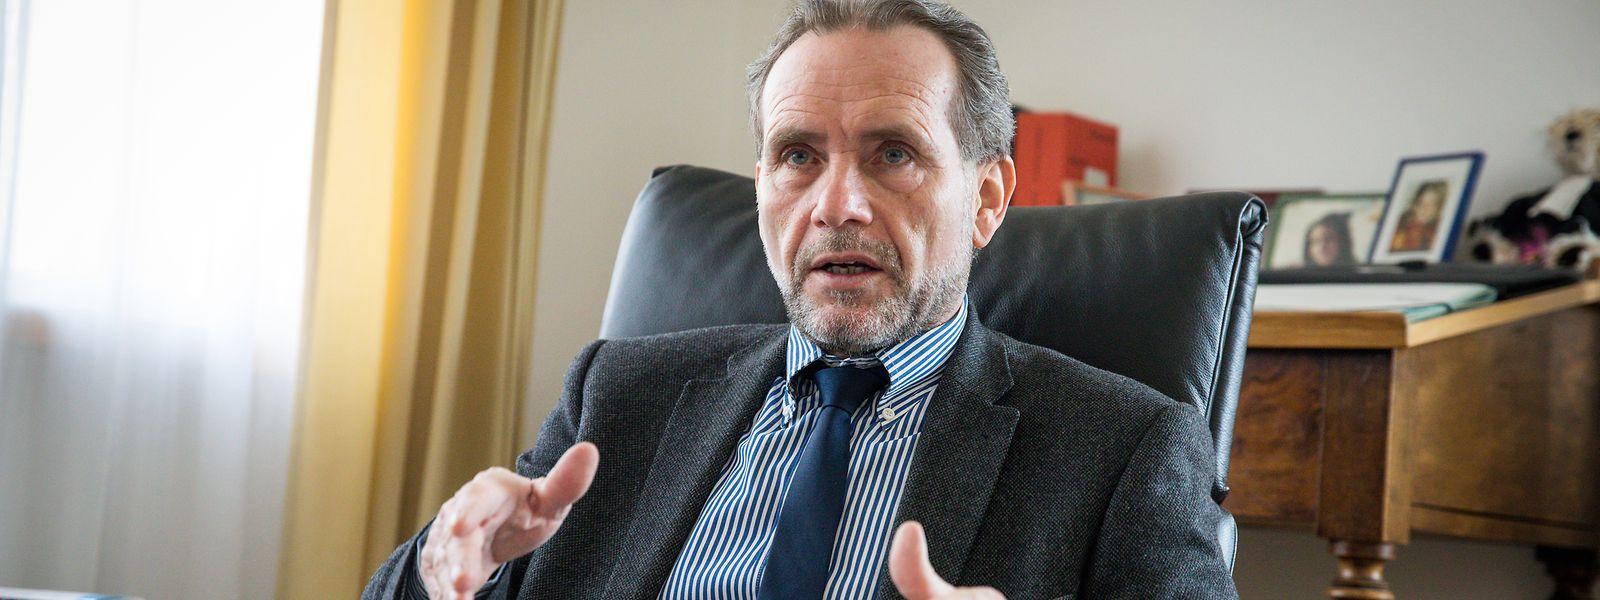 Ankläger oder vielleicht doch Notar? Vor dieser Wahl stand Jean-Paul Frising 1984 als junger Anwalt. Heute, 36 Jahre später, geht er nun als leitender Oberstaatsanwalt in Rente.